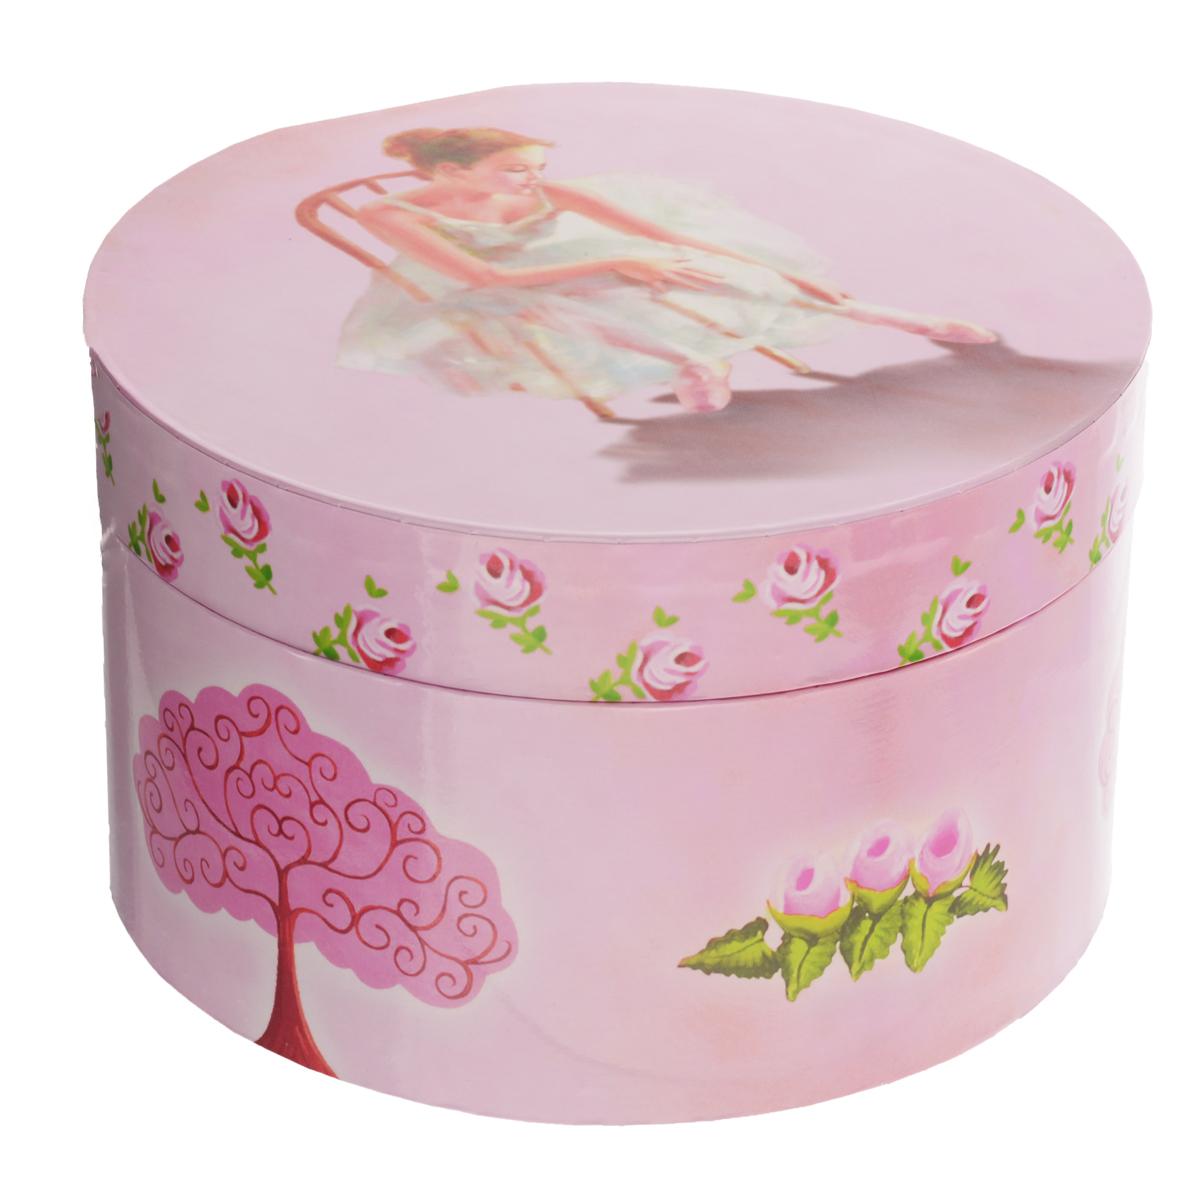 Музыкальная шкатулка Jakos Балерина на стуле, круглая, цвет: розовый lamaze музыкальная игра лев логан звук мелодия lamaze